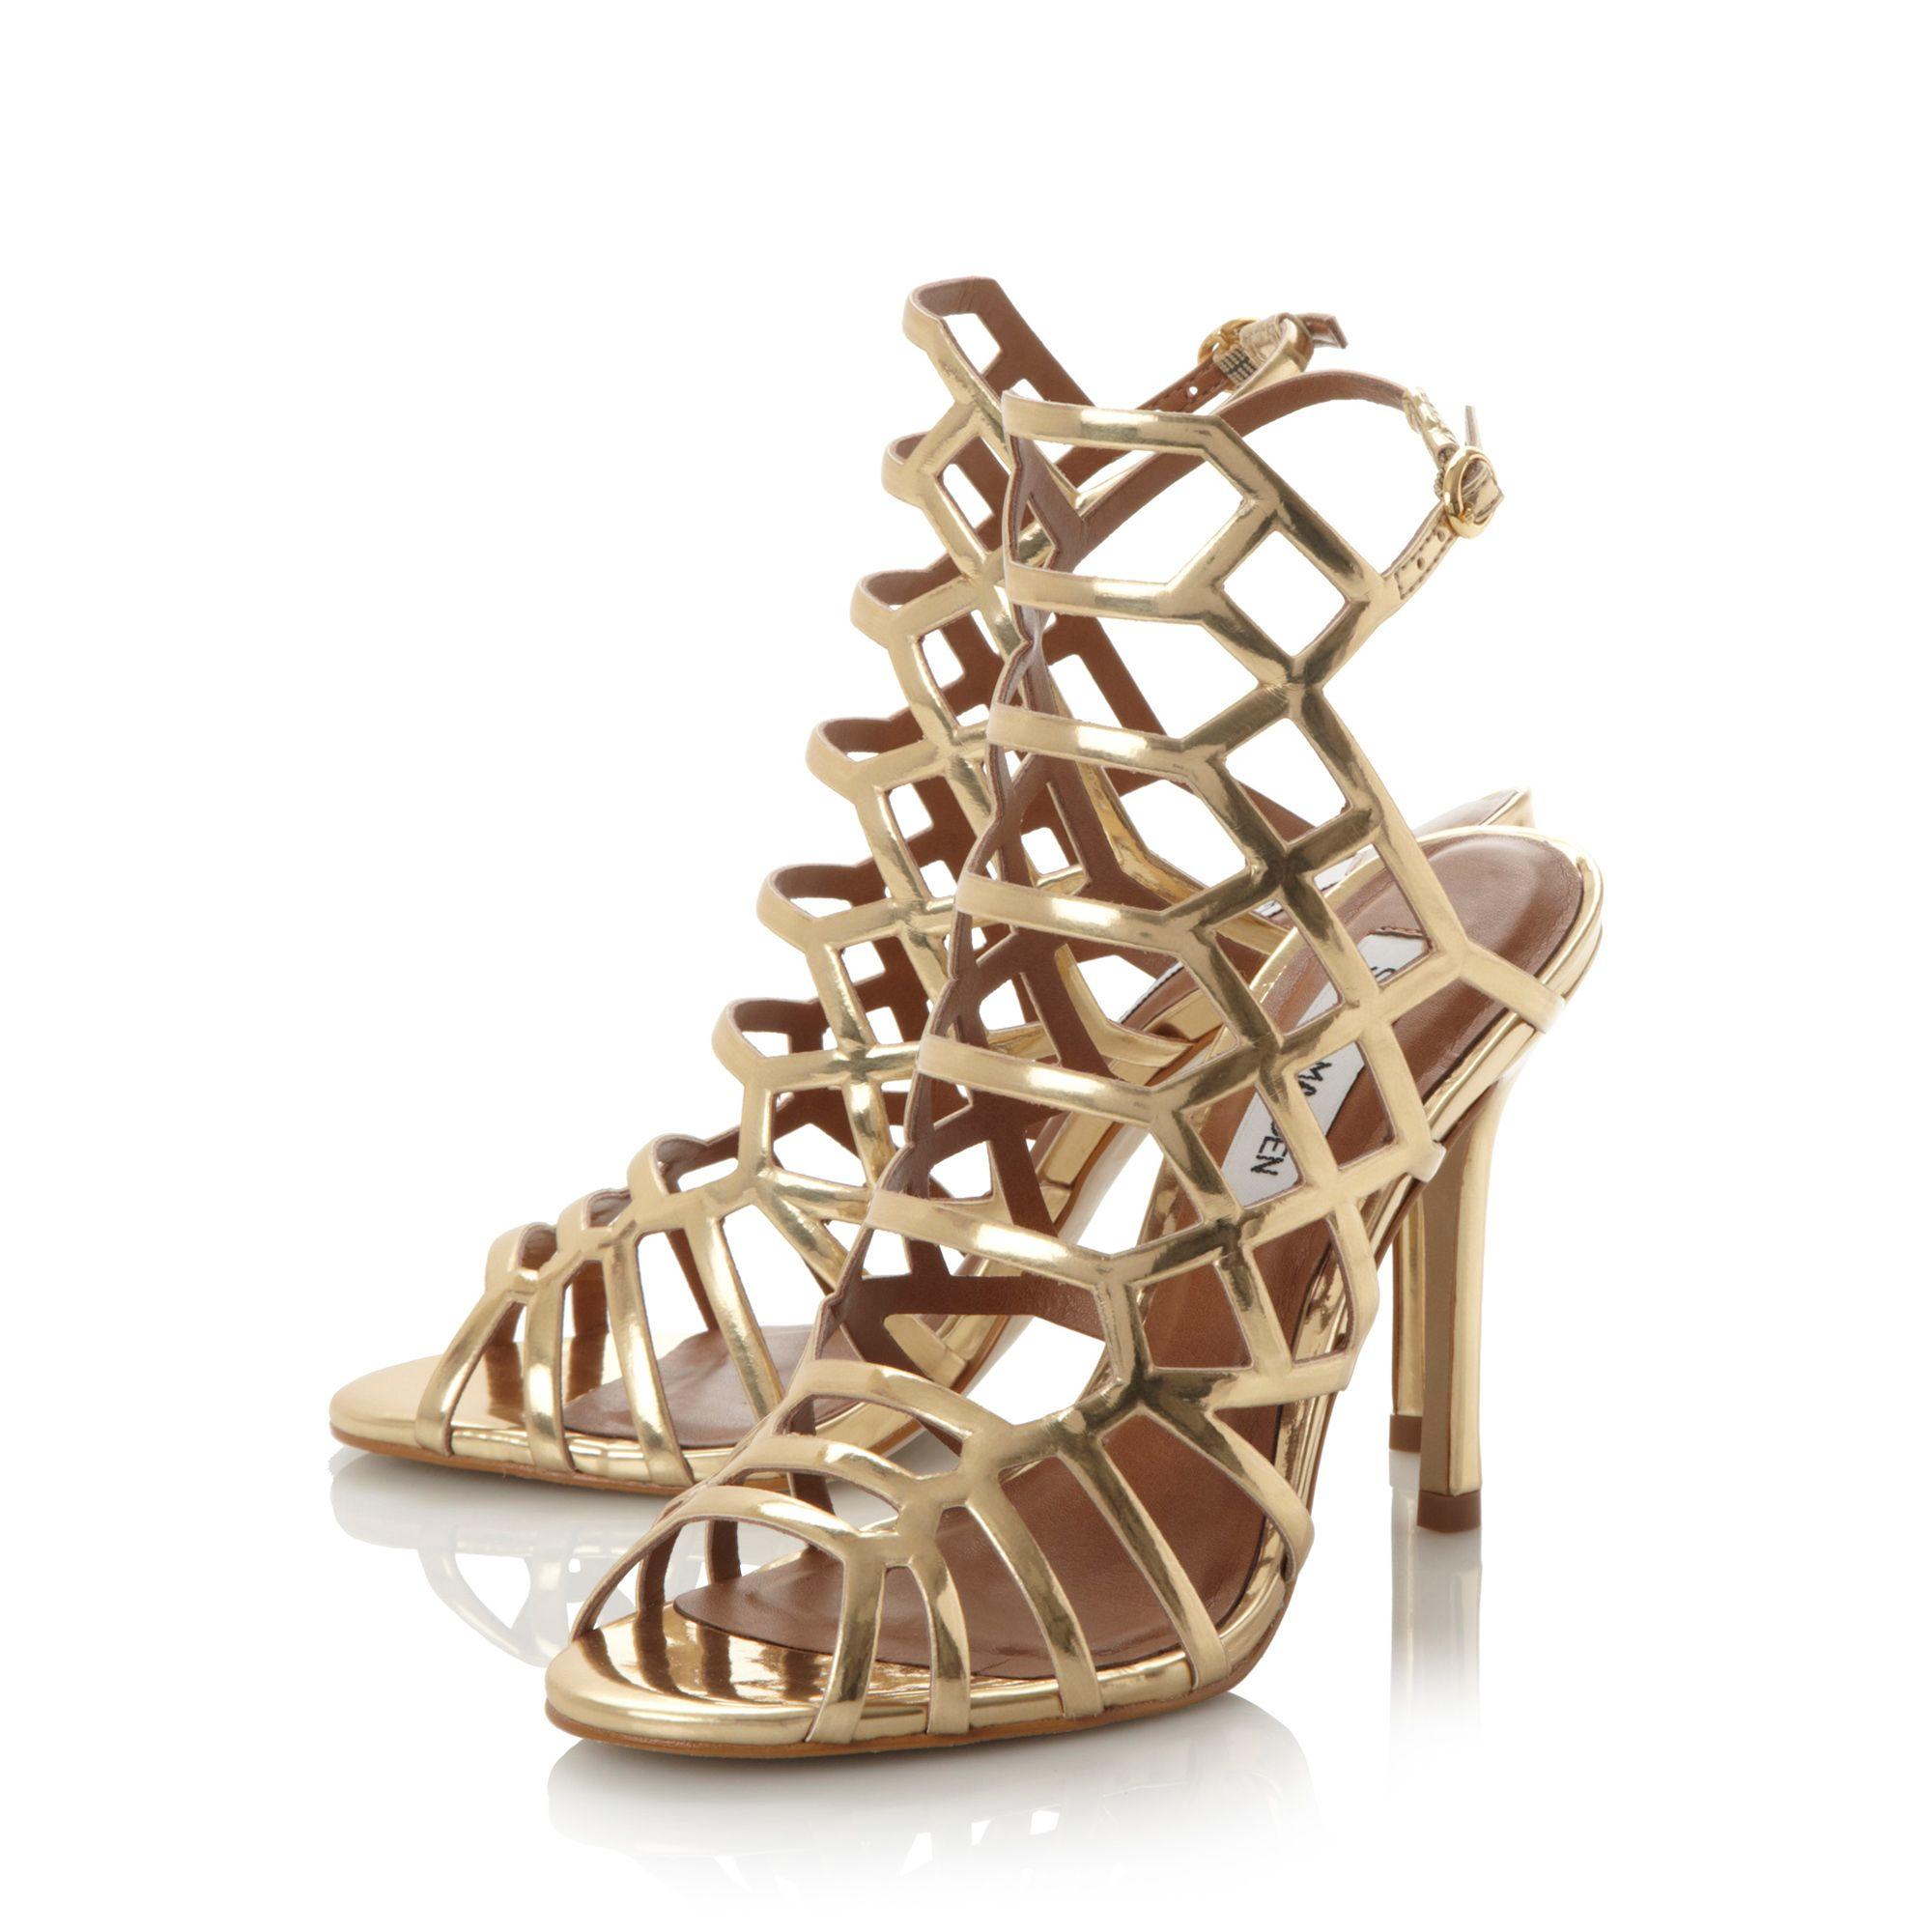 Gold Caged Heels - Is Heel